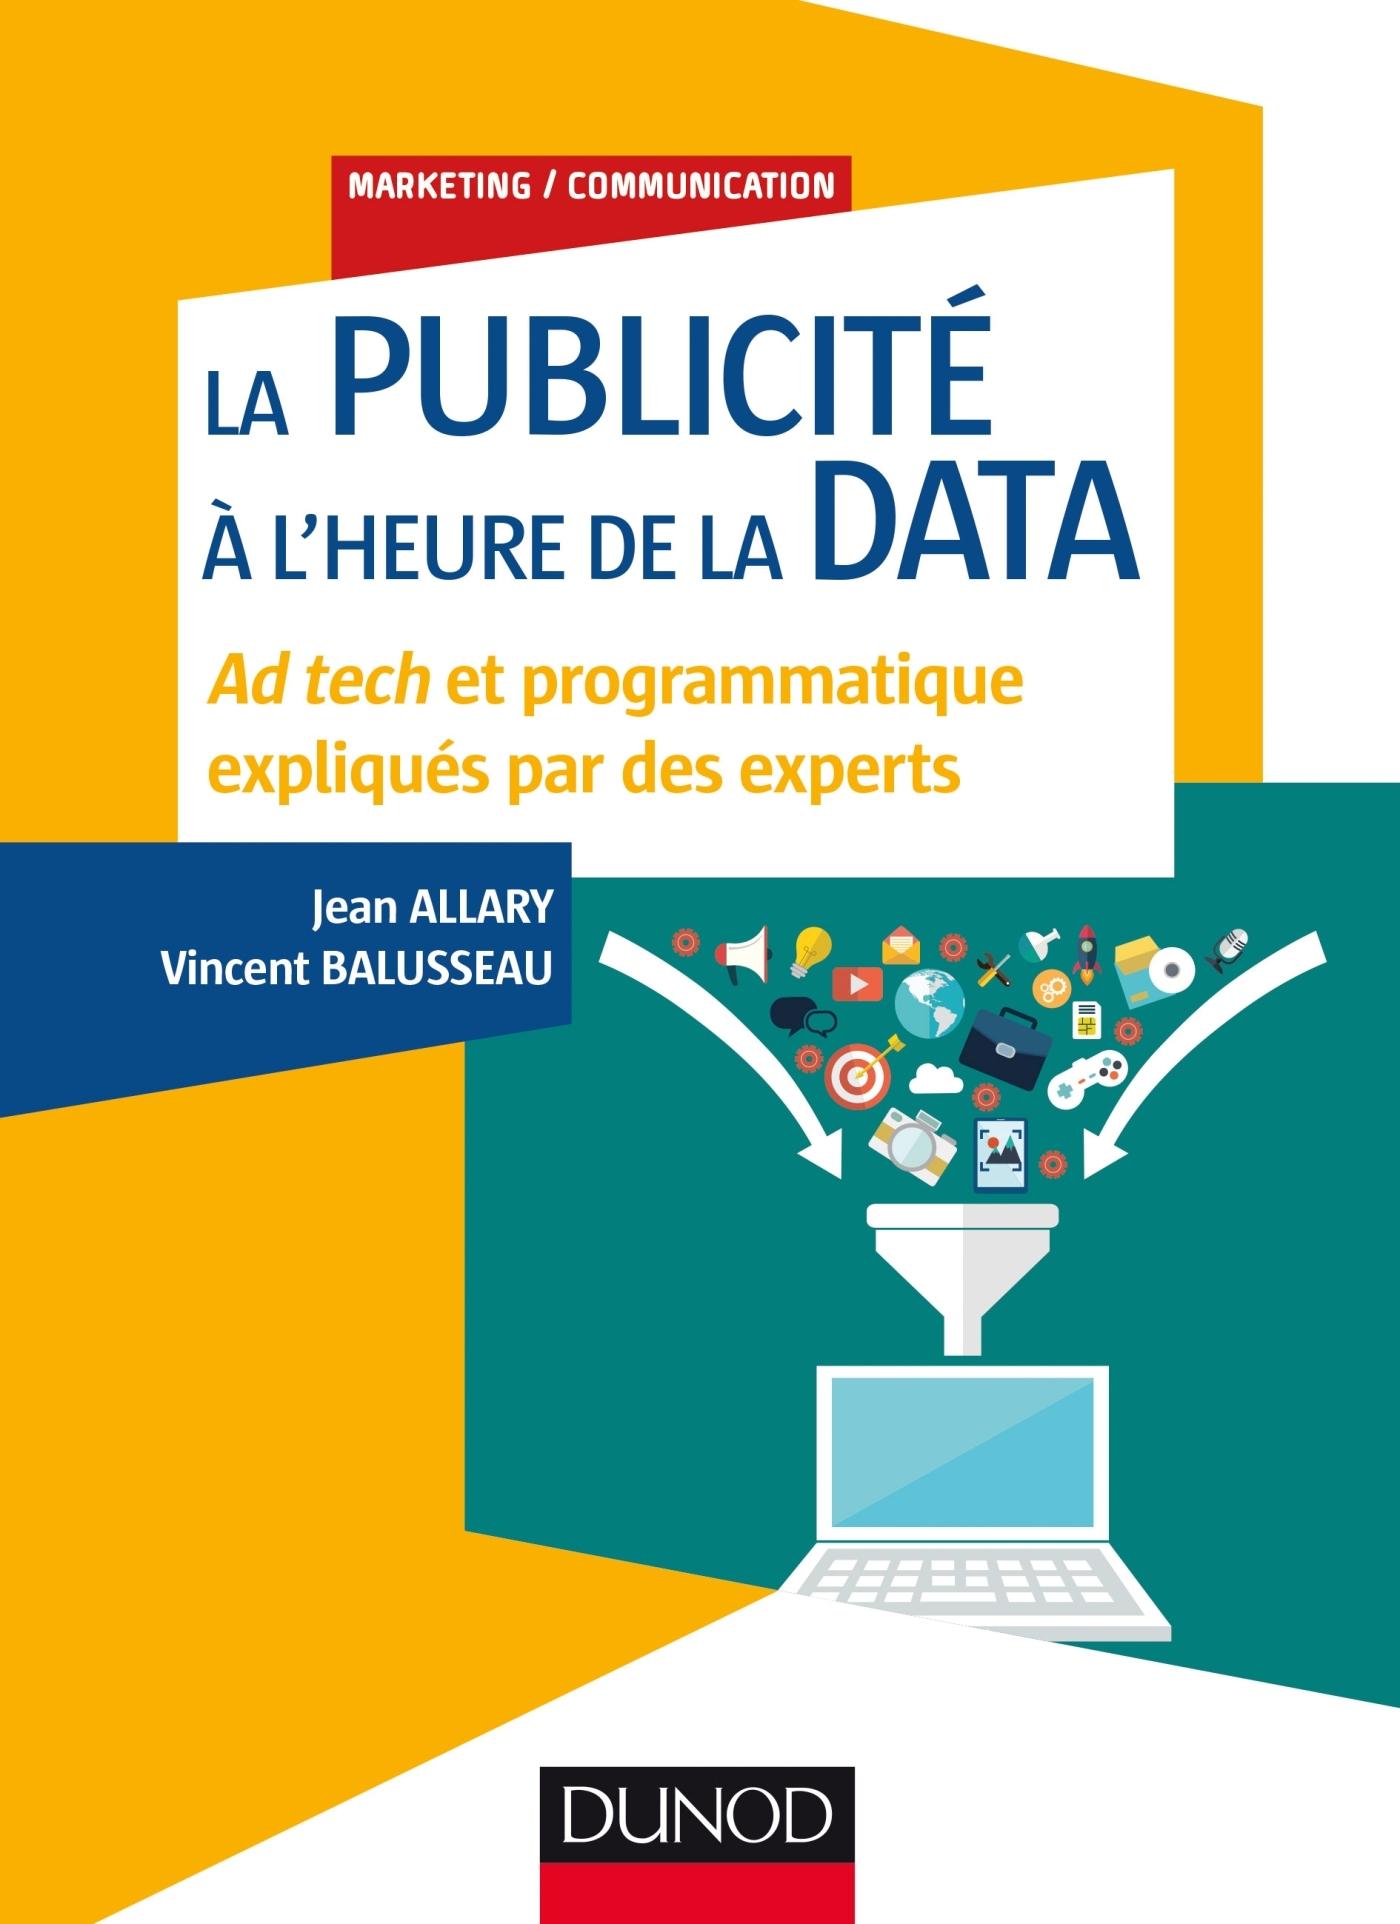 LA PUBLICITE A L'HEURE DE LA DATA - AD TECH ET PROGRAMMATIQUE EXPLIQUES PAR DES EXPERTS